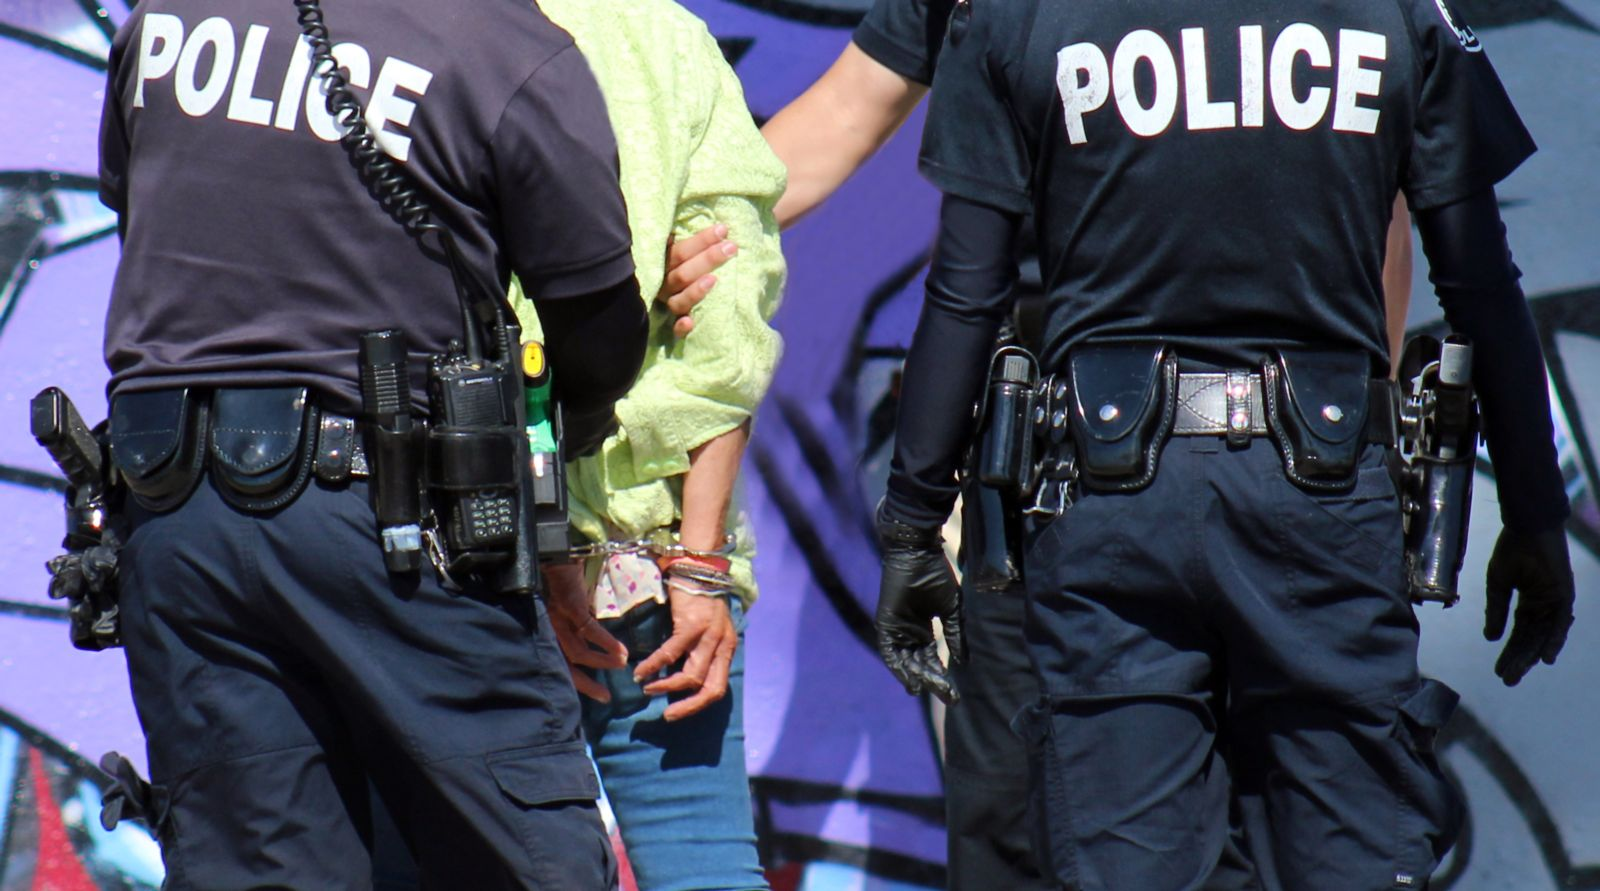 arrested on spring break